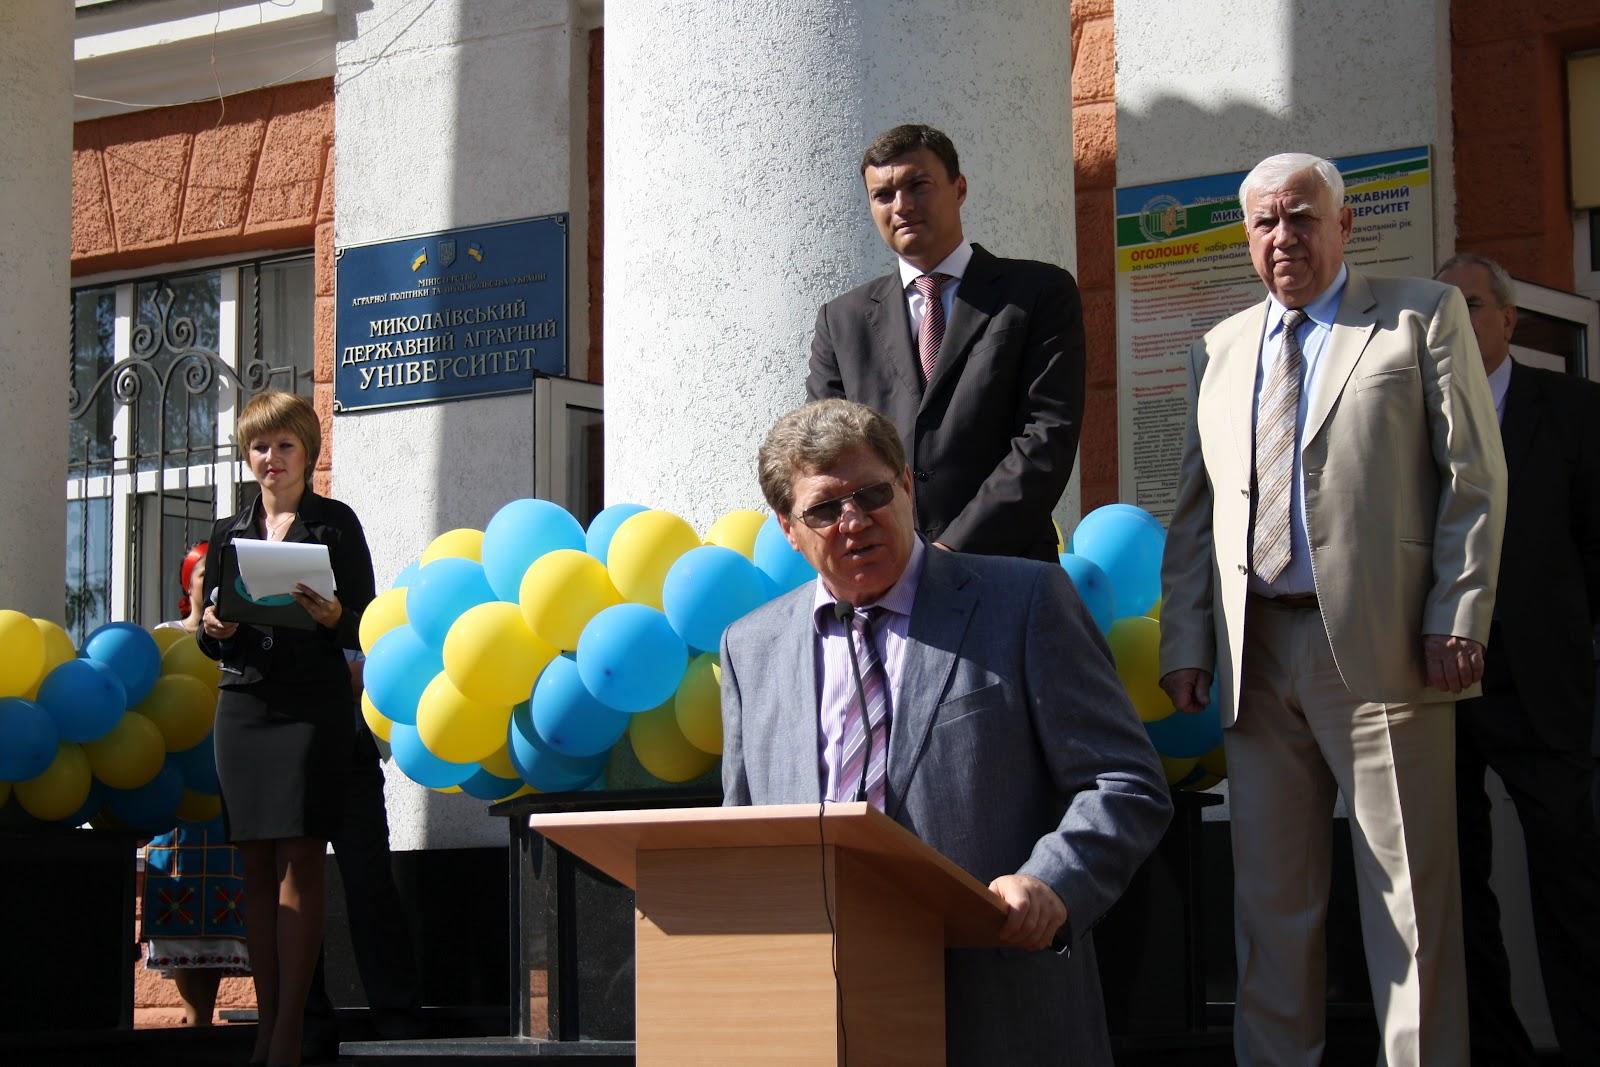 1 сентября - День знаний. Выступление главы Николаевской облгосадминистрации Николая Круглова.